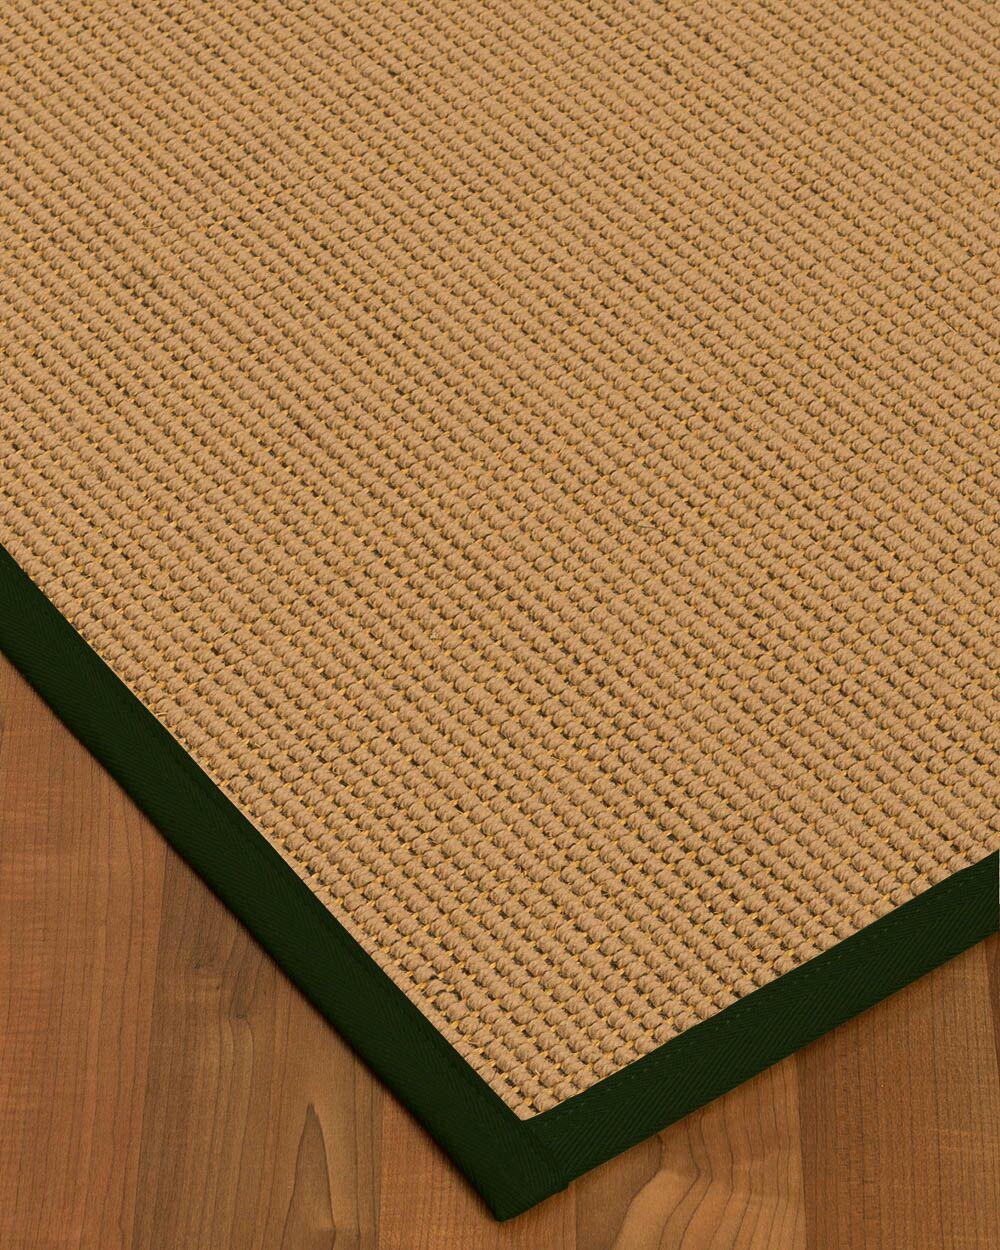 Badham Hand-Woven Wool Beige Area Rug Rug Size: Rectangle 9' x 12'